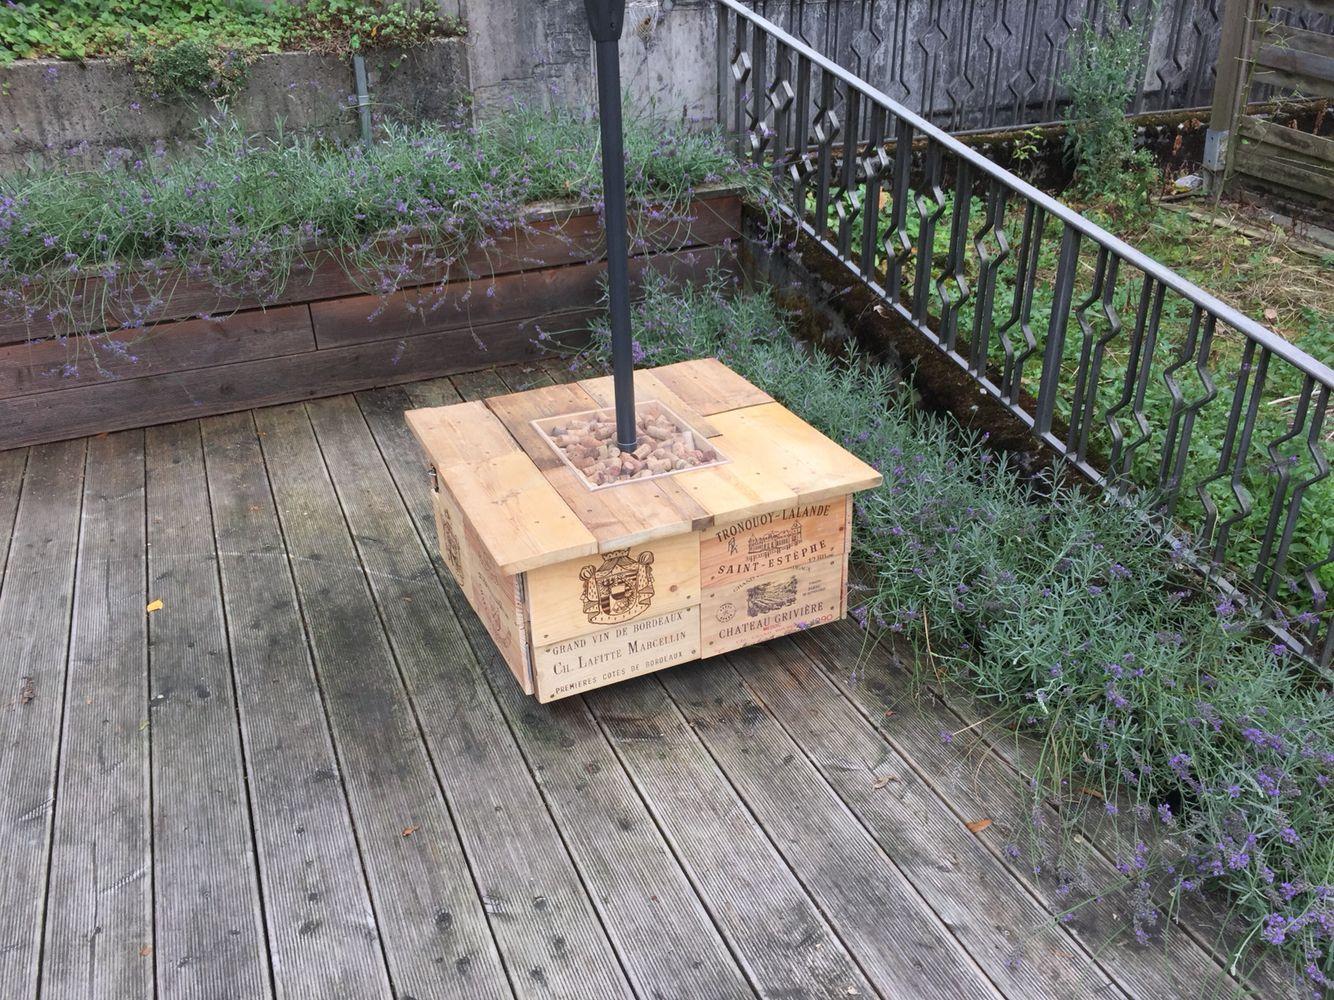 fahrbarer sonnenschirmst nder aus alten weinkisten woodworking pinterest. Black Bedroom Furniture Sets. Home Design Ideas